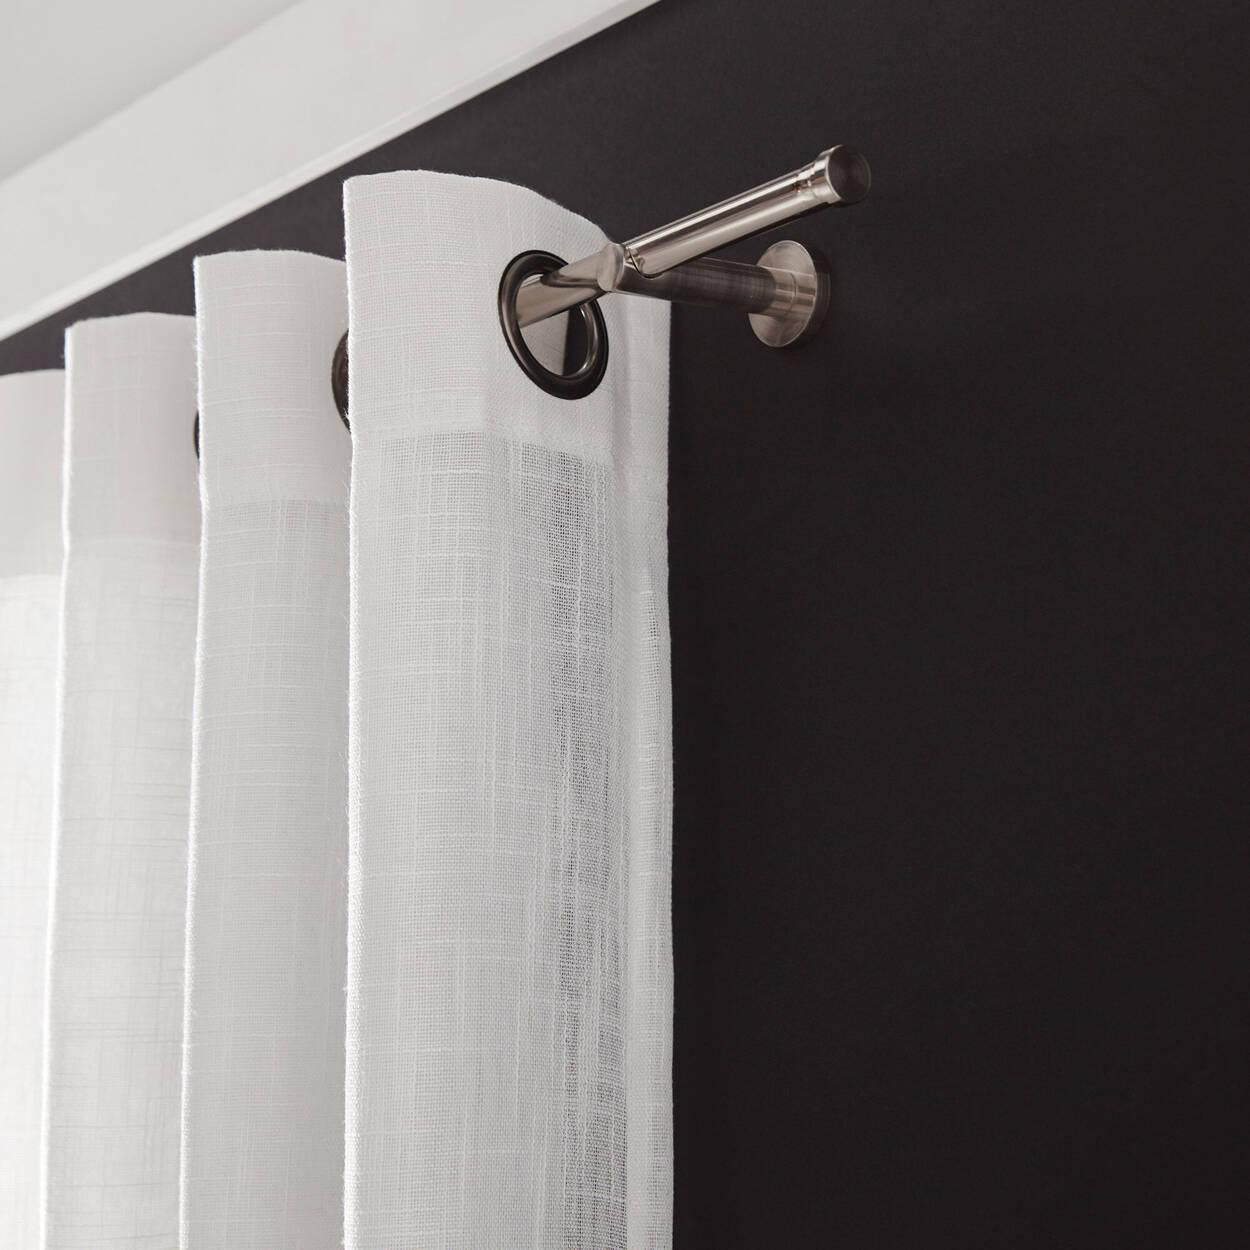 Savoy Brushed Nickel Curtain Rod Set - Diameter 16/19 mm